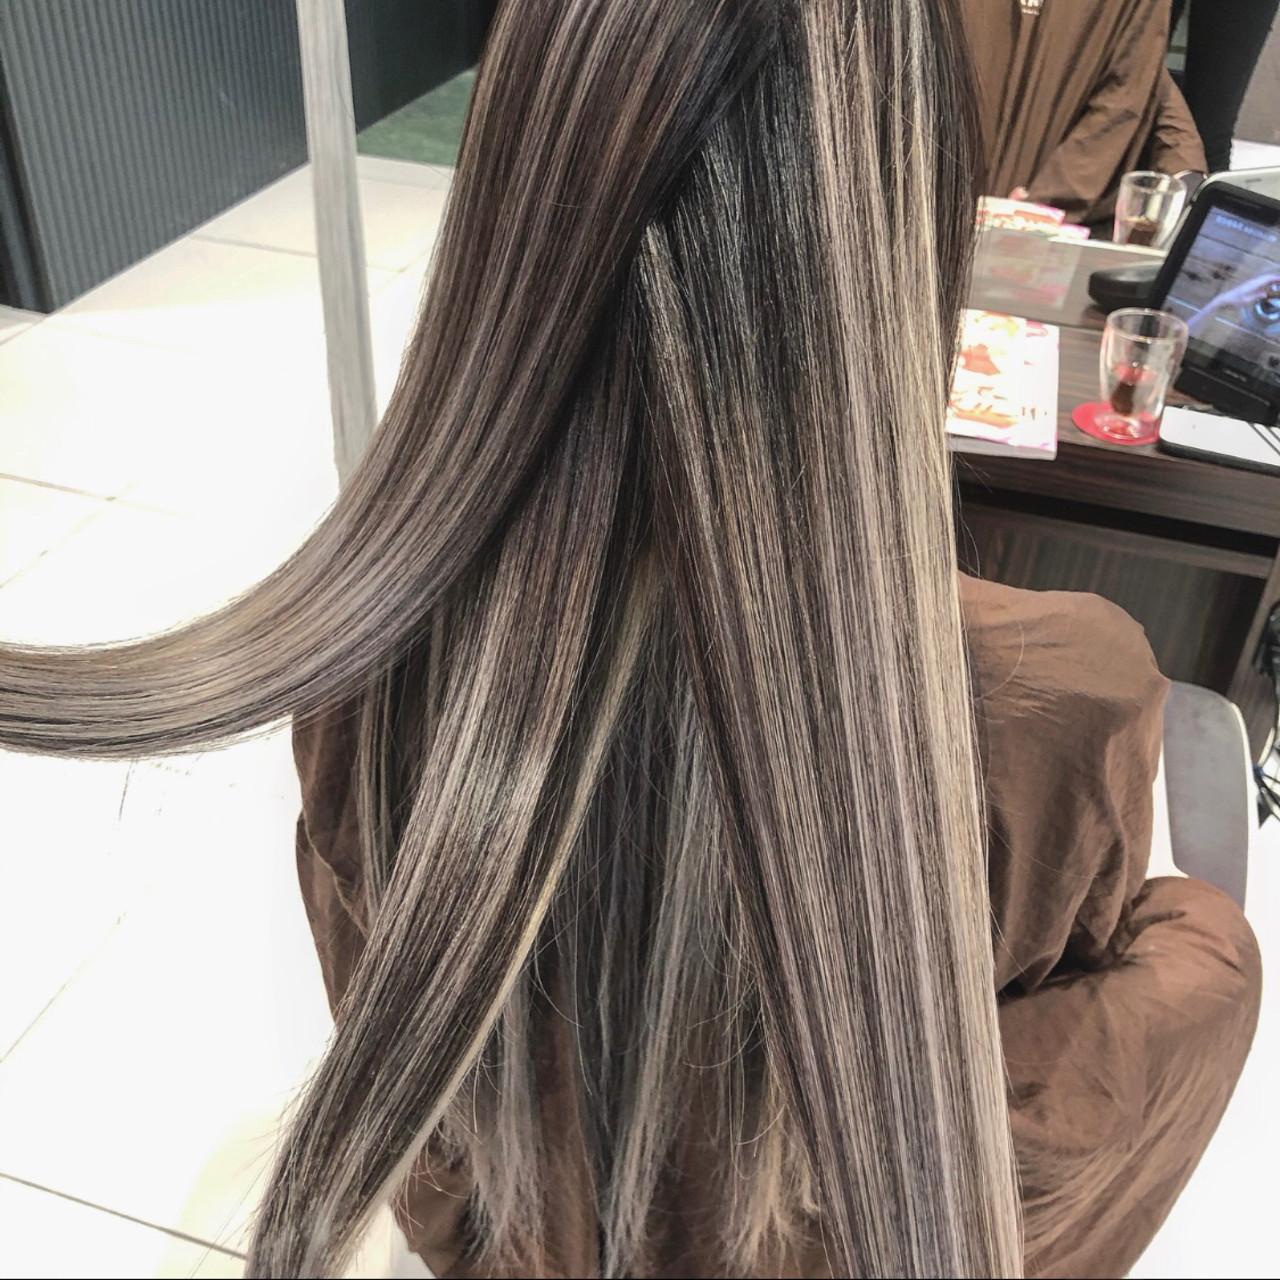 結婚式 バレイヤージュ 外国人風カラー ロング ヘアスタイルや髪型の写真・画像 | アンドウ ユウ / agu hair edge